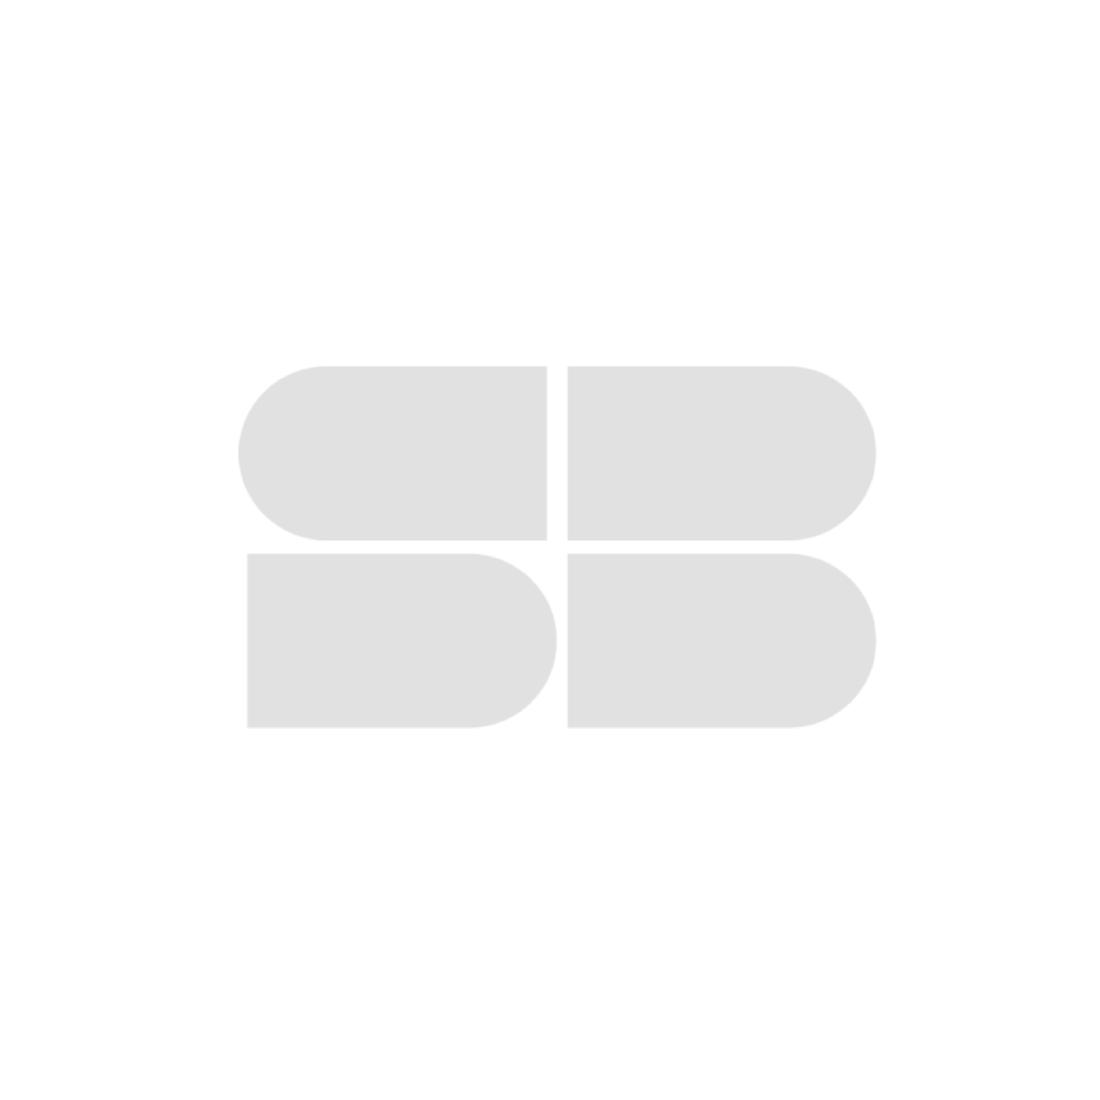 ที่นอนปรับระดับ LADY AMERICANA รุ่น SMART ADJUSTABLE ขนาด 6 ฟุต แถมฟรี ชุดเครื่องนอนและผลิตภัณฑ์บรรจุใย 11 ชิ้น